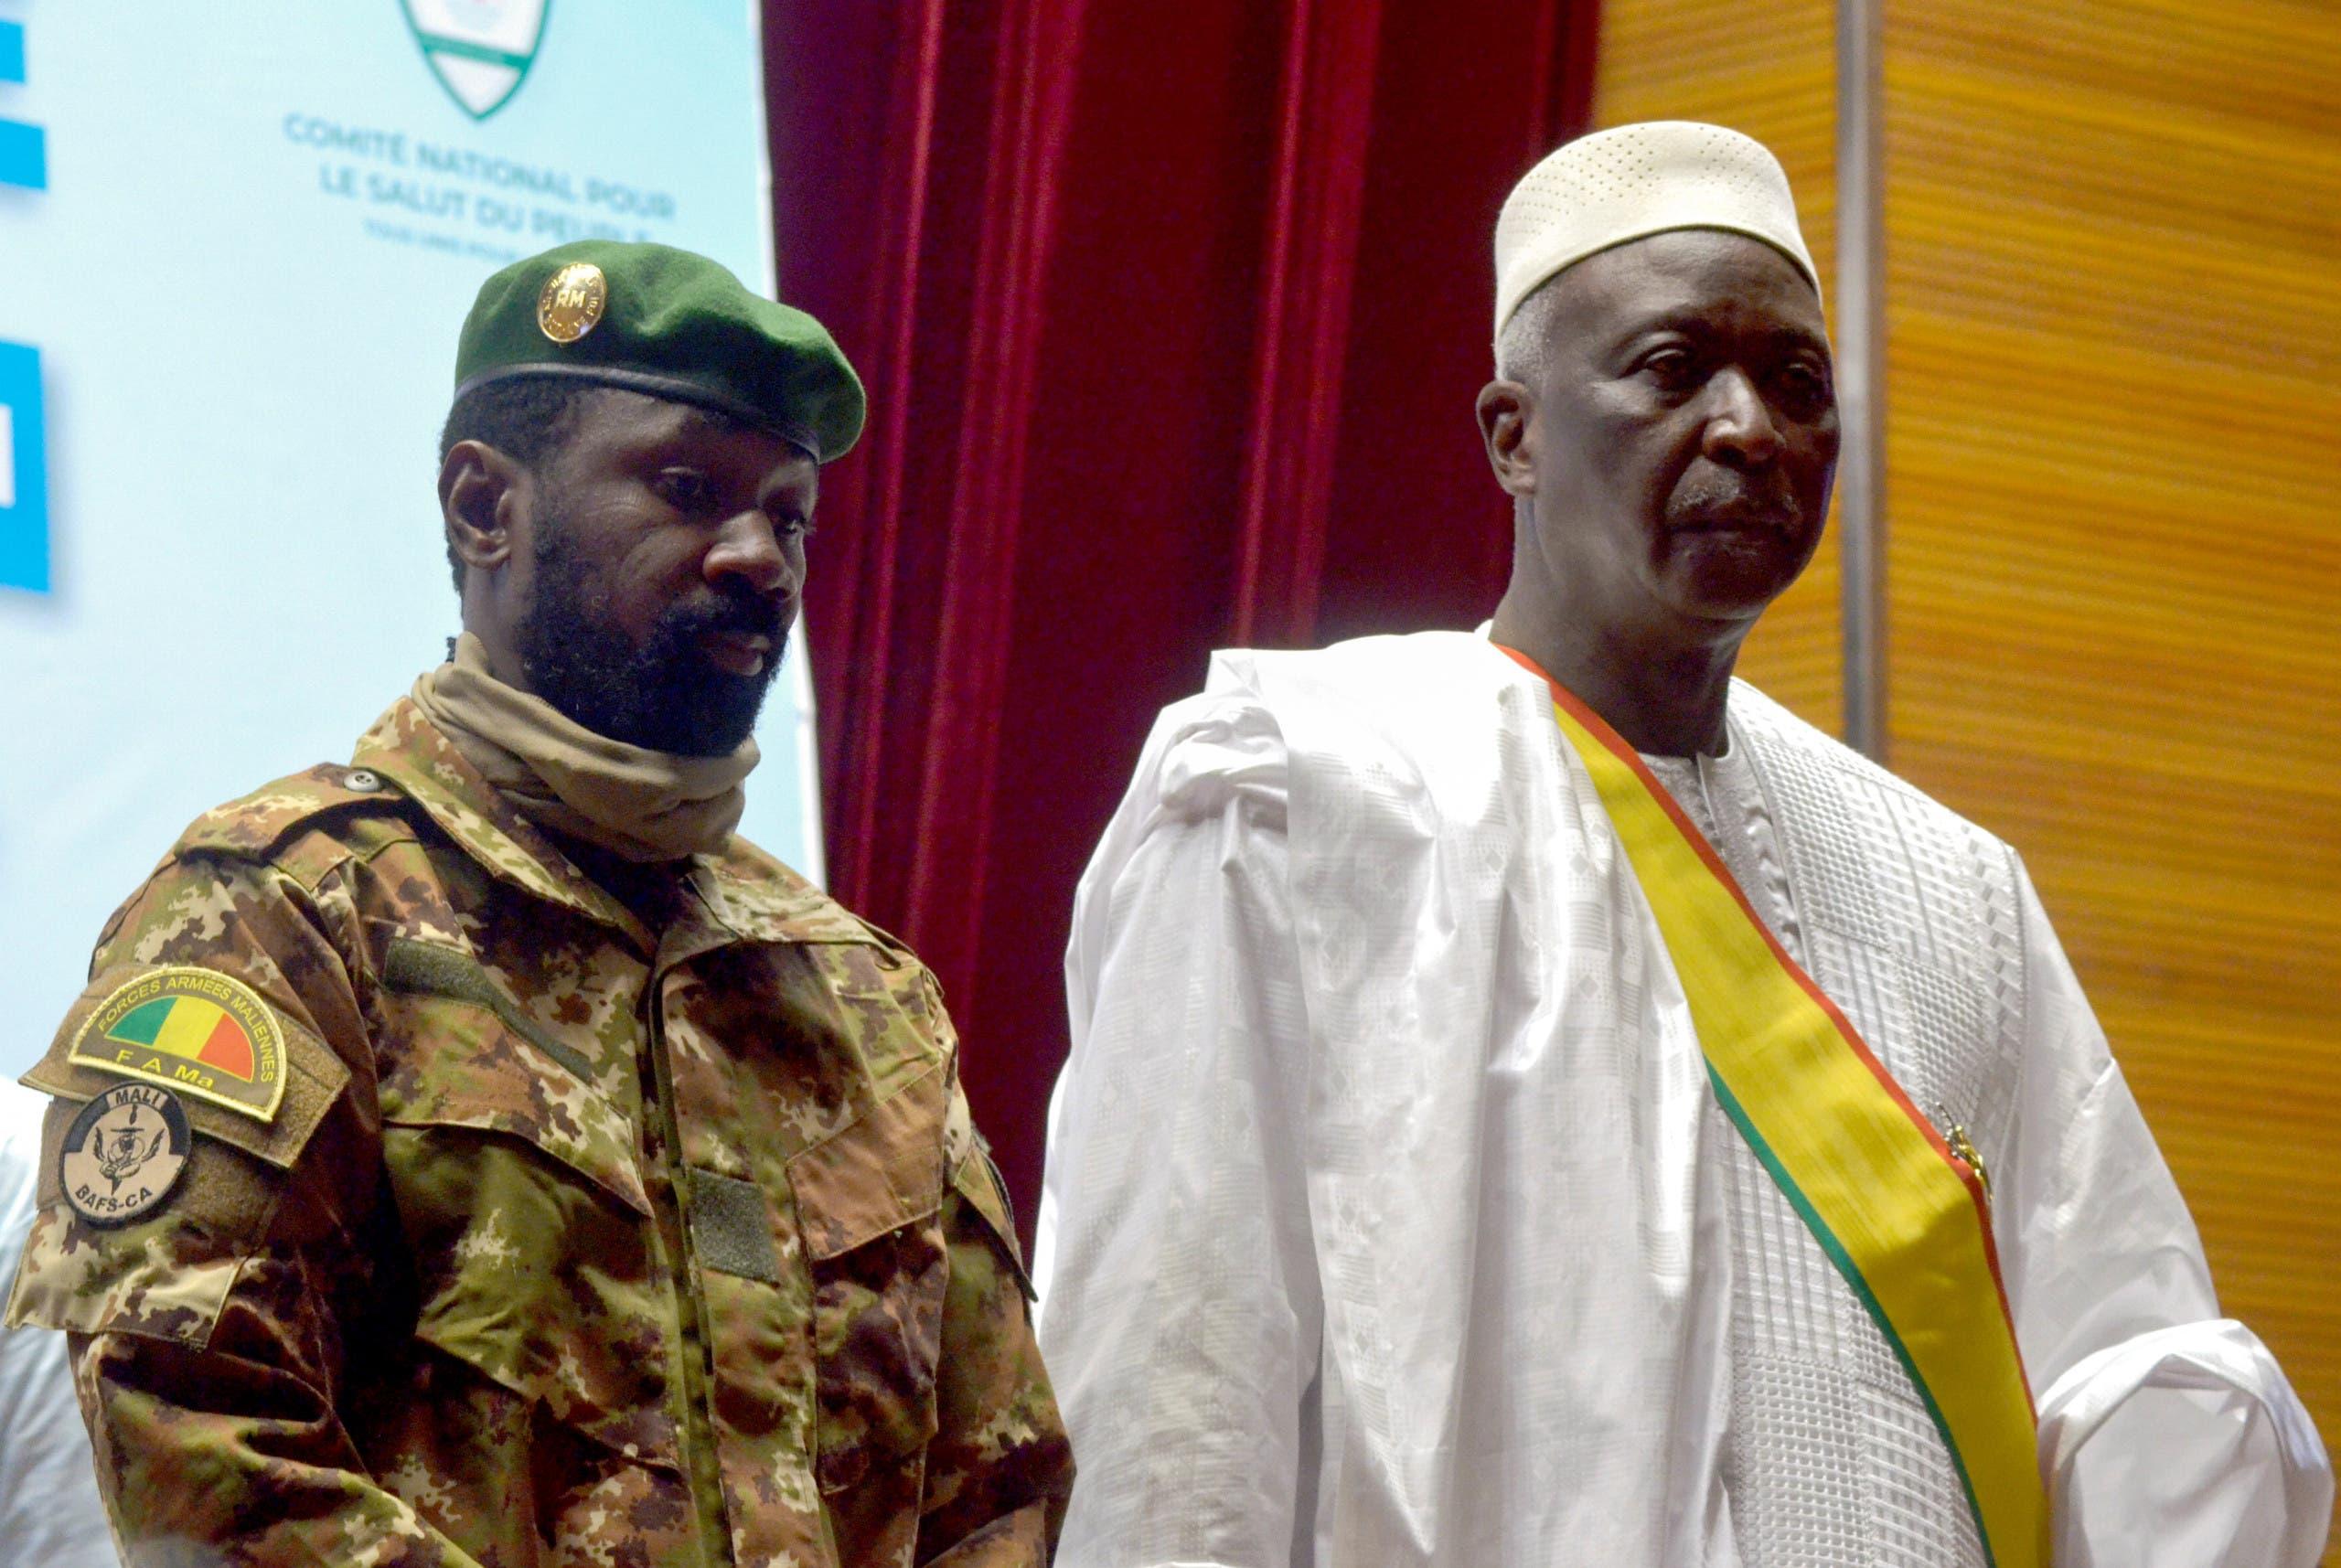 رئيس مالي المعتقل باه نداو وقائد الانقلاب  الكولونيل أسيمي غويتا (أرشيفية)